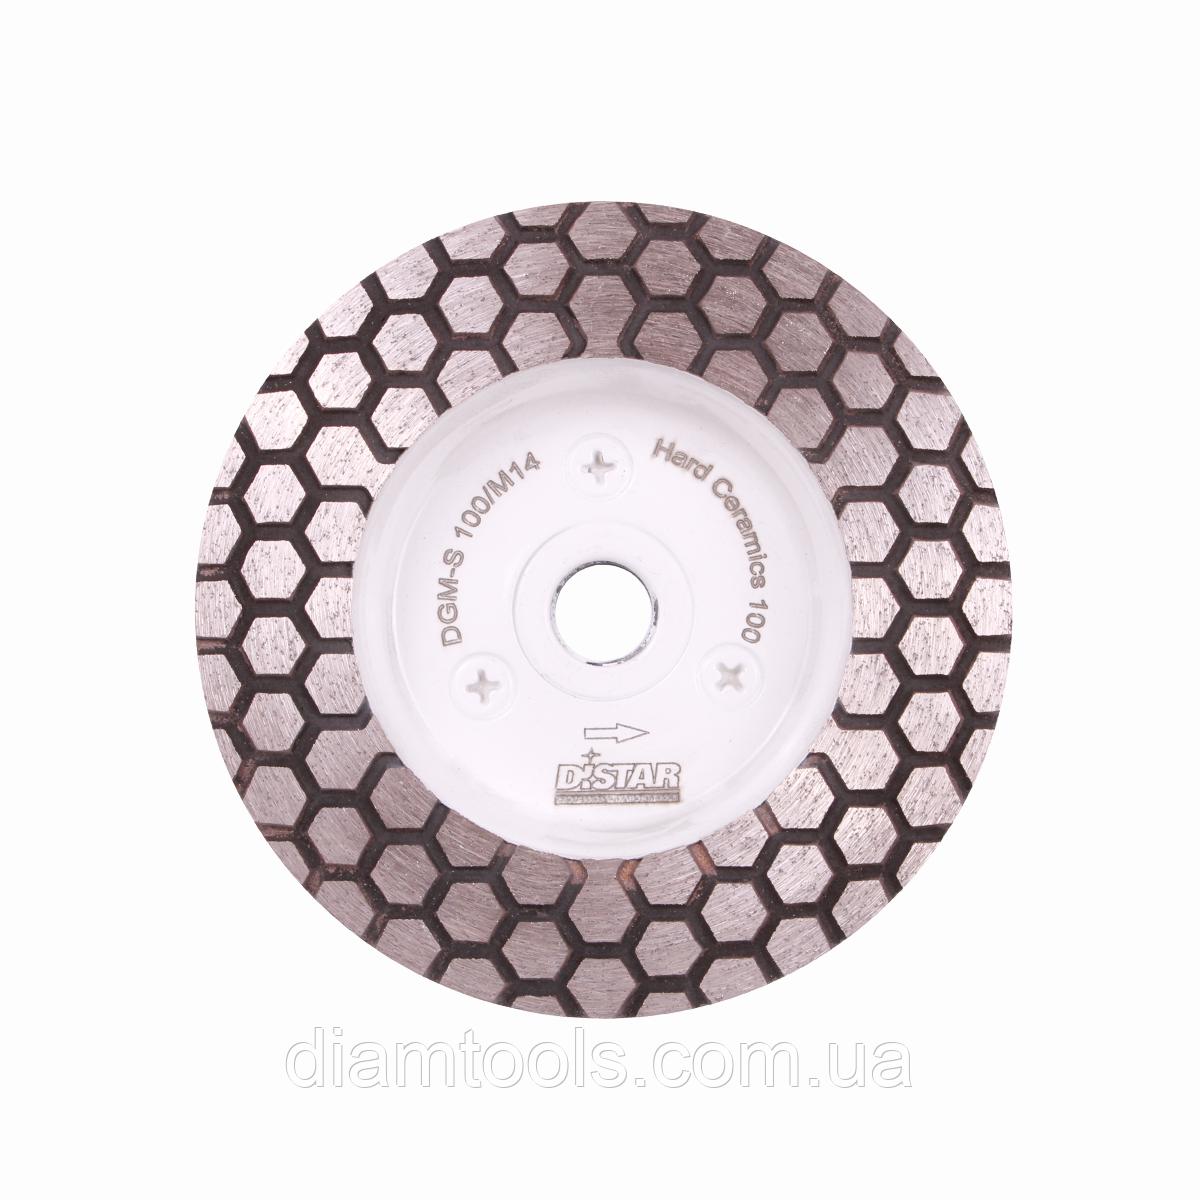 Фреза алмазная DGM-S 100/M14 Hard Ceramics  100/120 (17483522005)